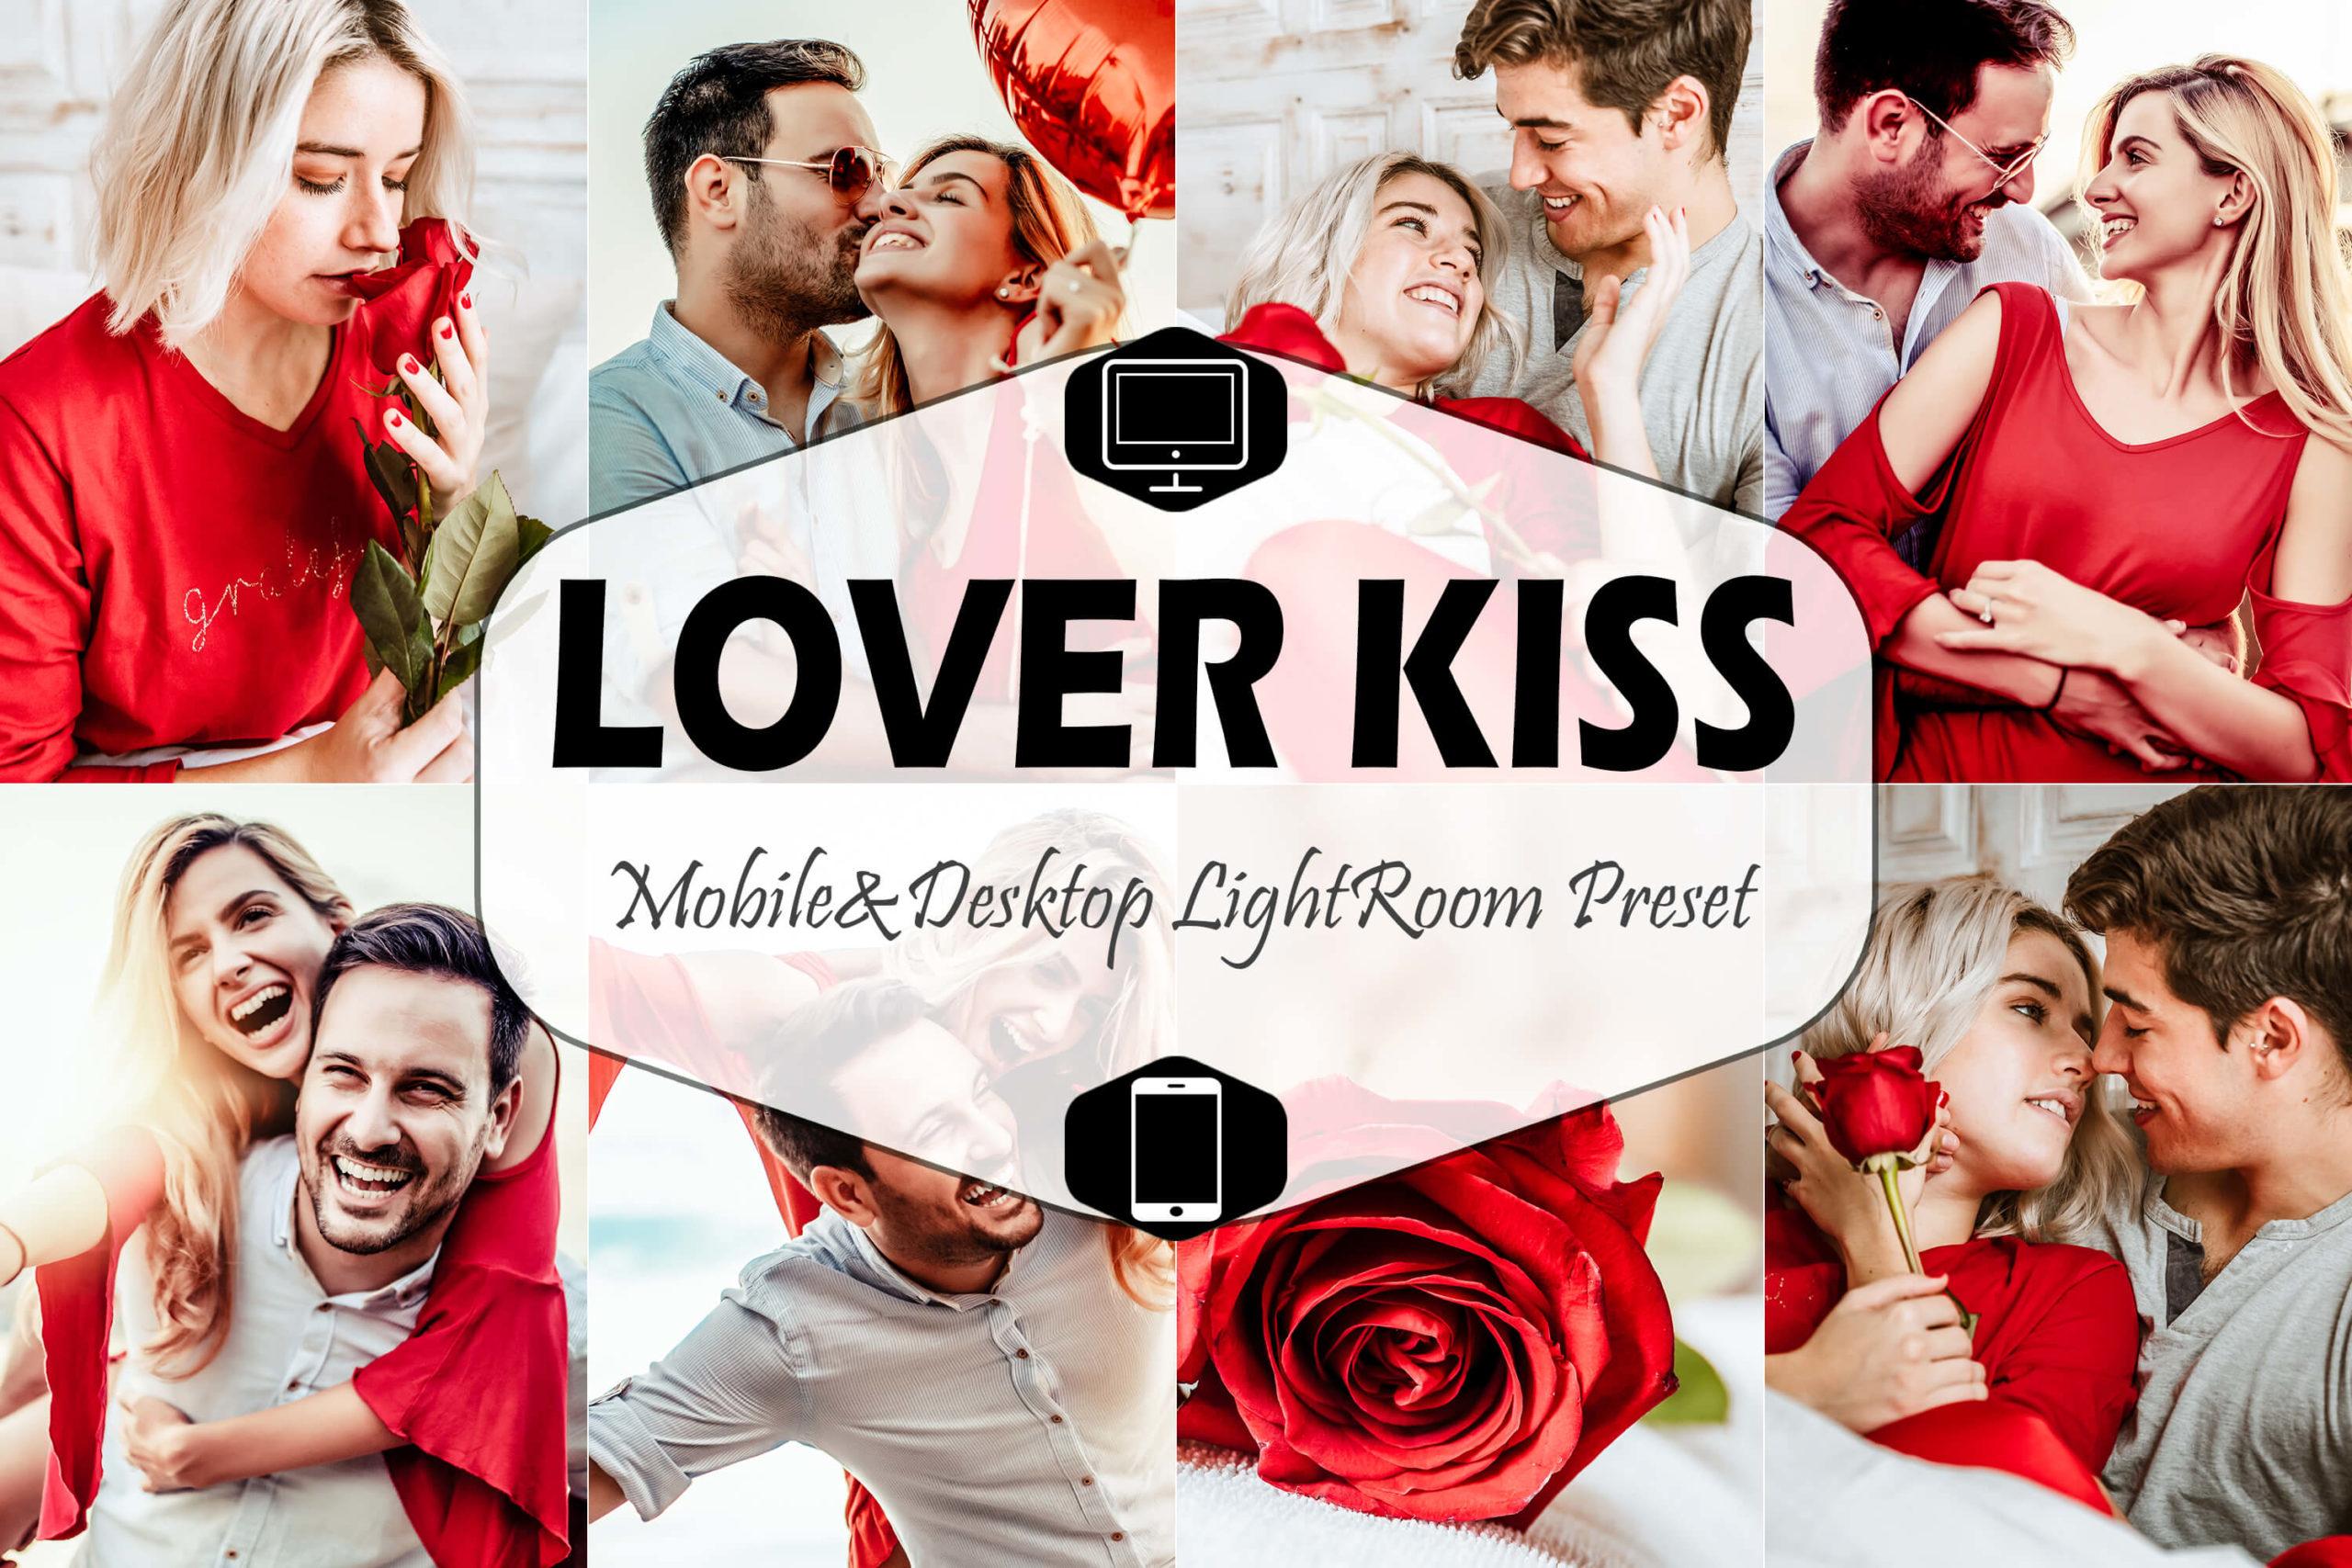 Lover Kiss Mobile & Desktop Lightroom Presets